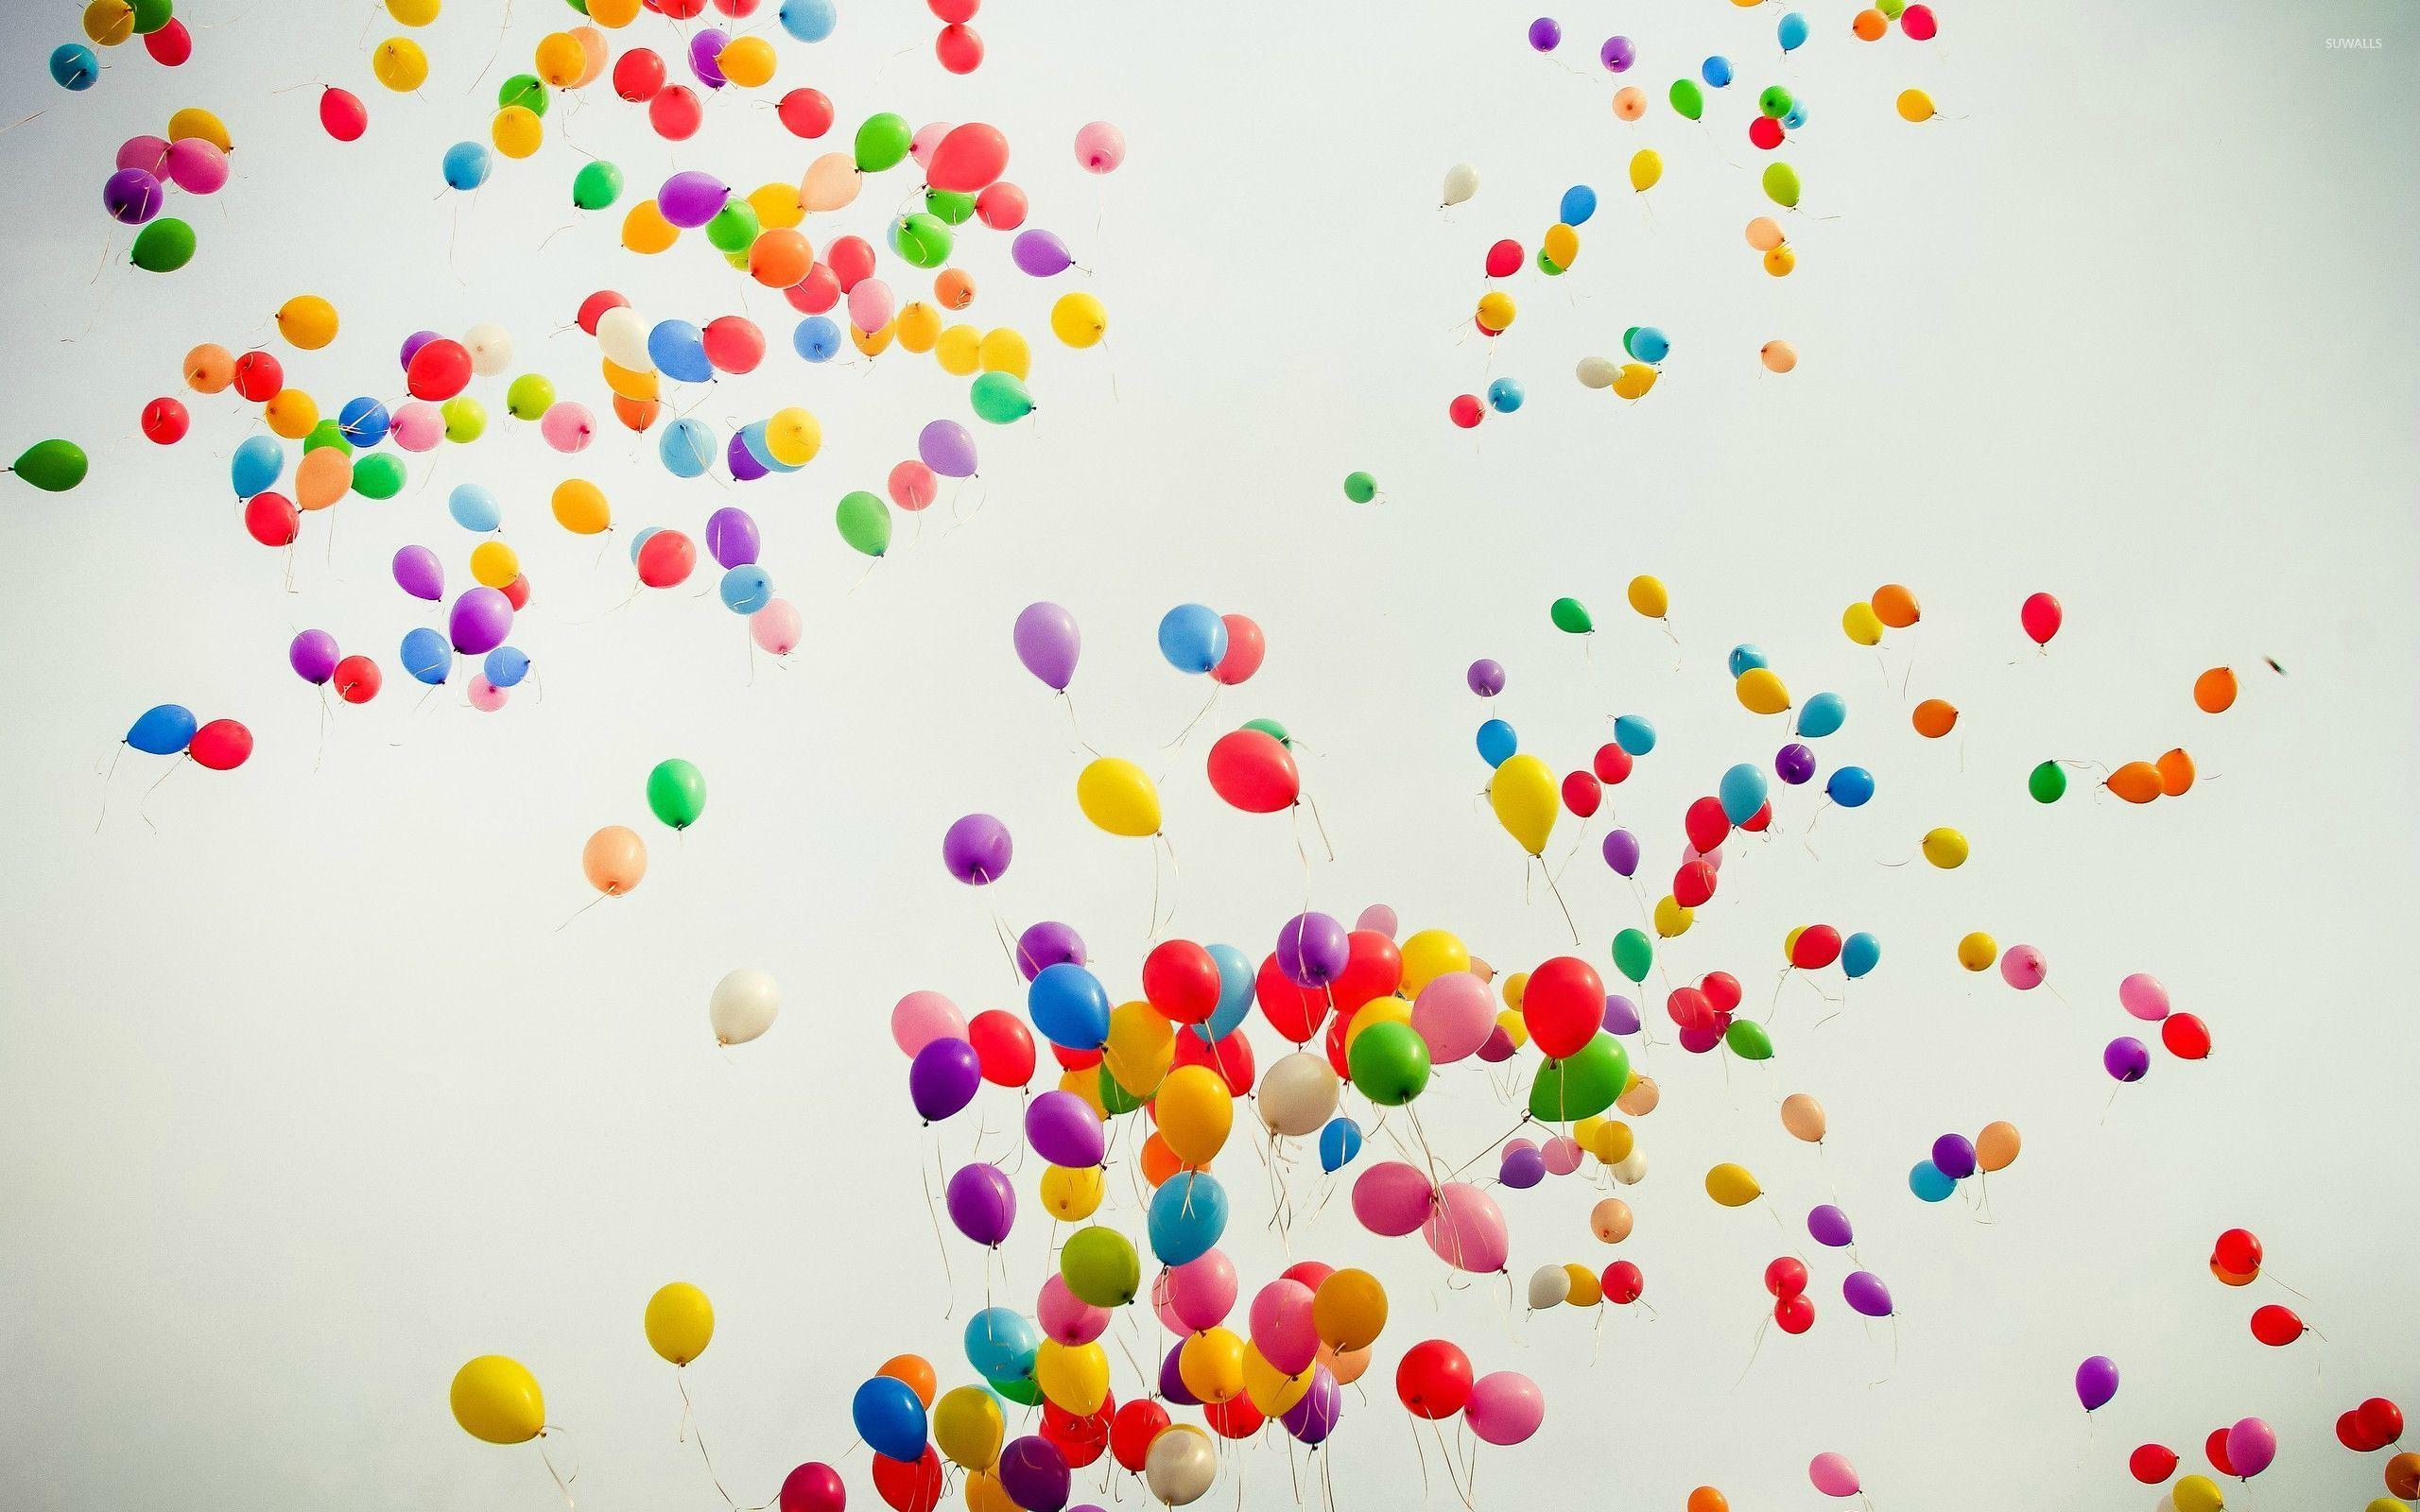 New Year Balloons High Definition Wallpaper 27255   Baltana 2560x1600